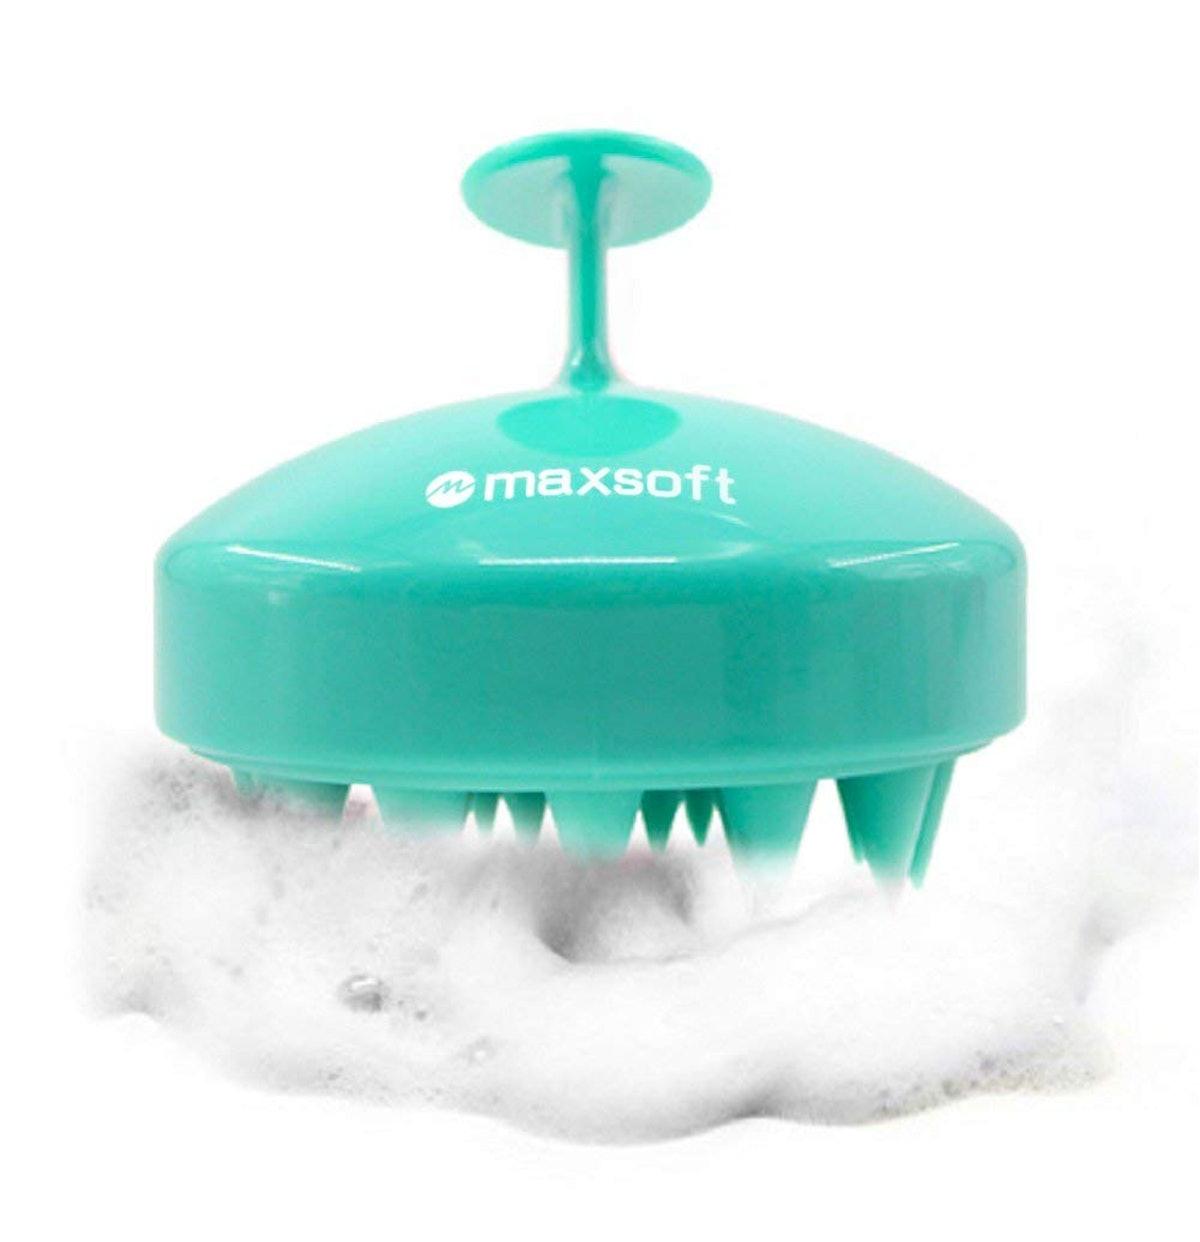 MAXSOFT Massager Shampoo Brush